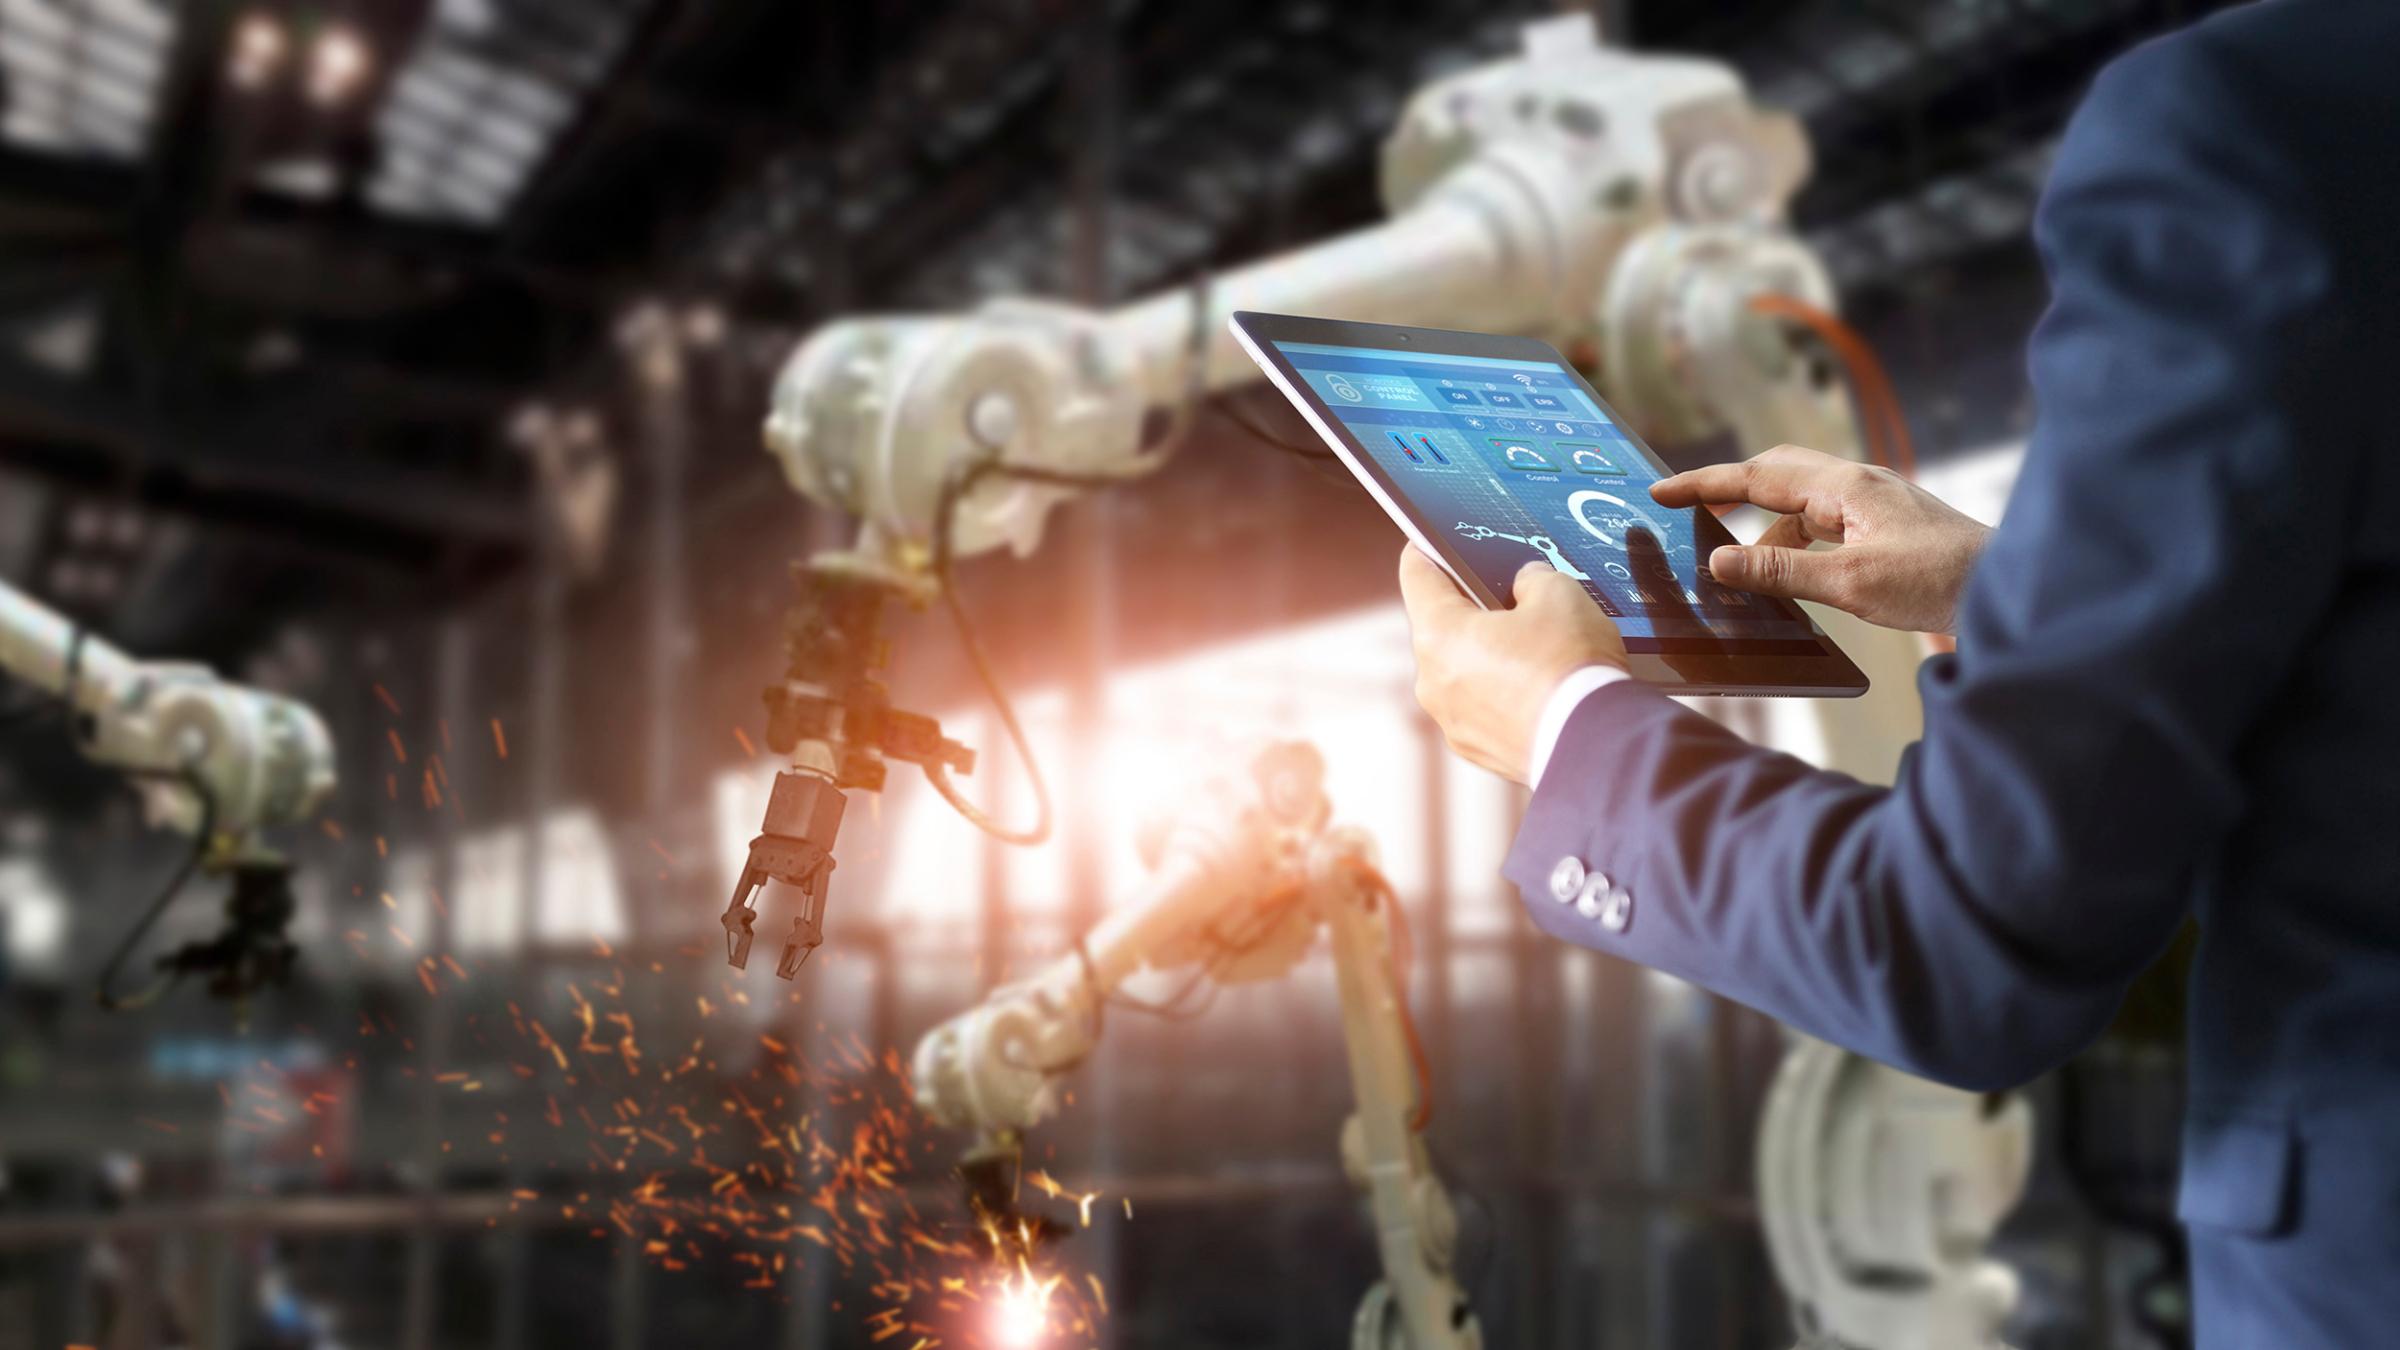 Siedem zasad dla sztucznej inteligencji. Bruksela chce cyberregulacji